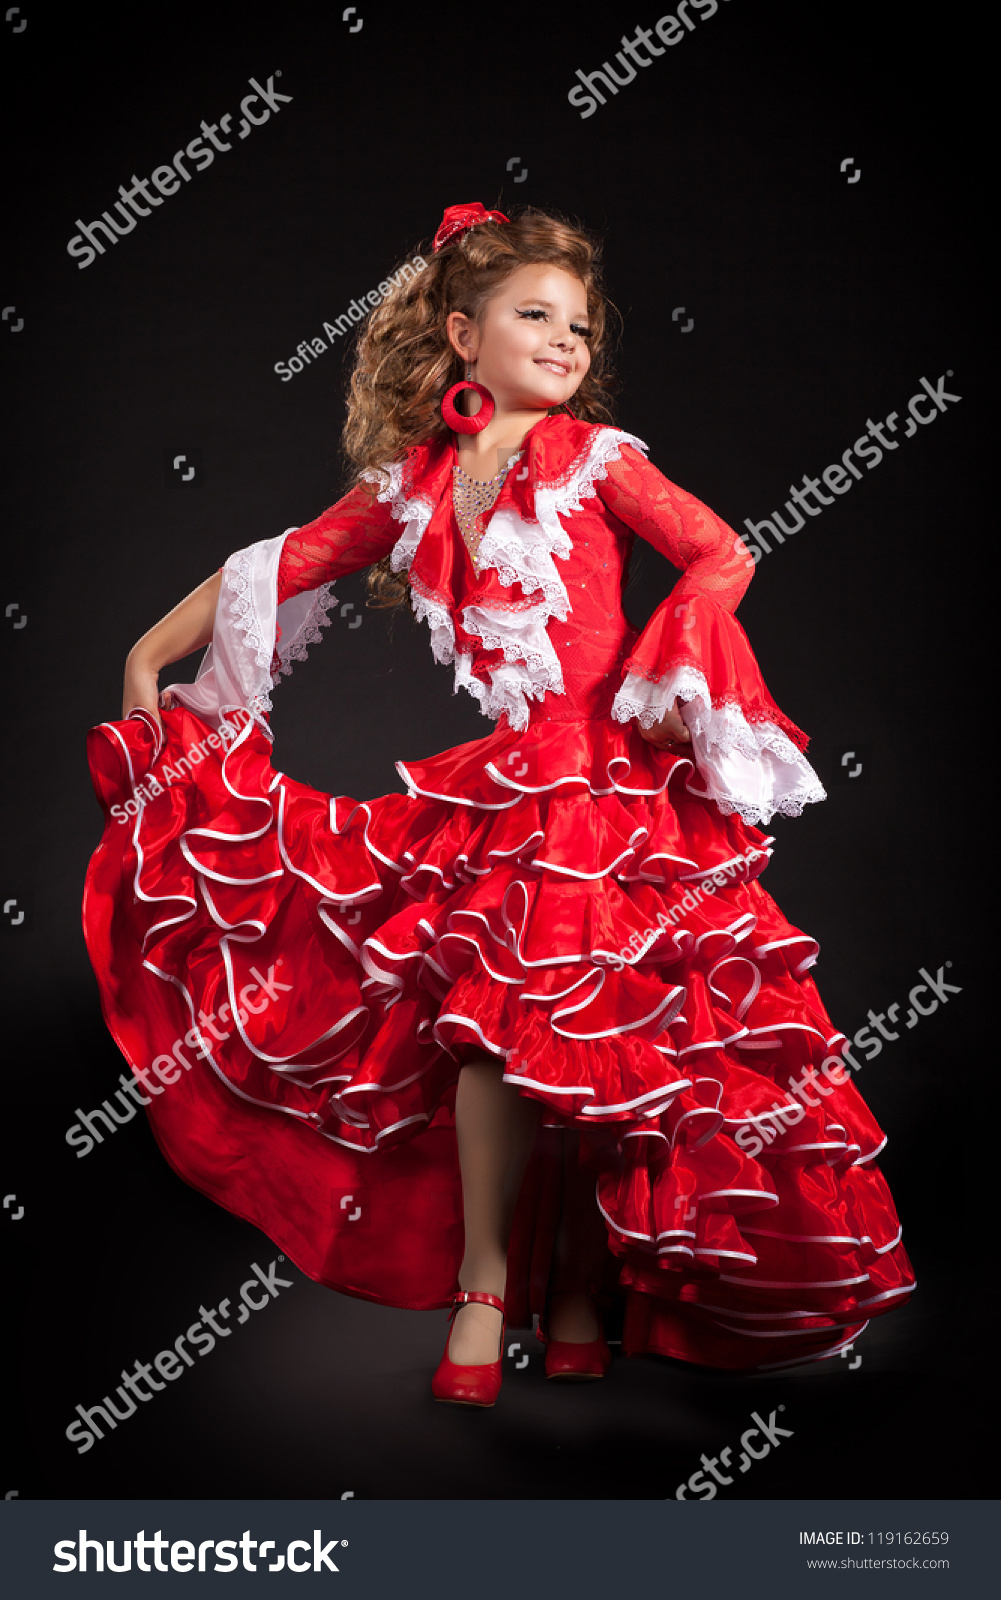 a little naked spanish girl